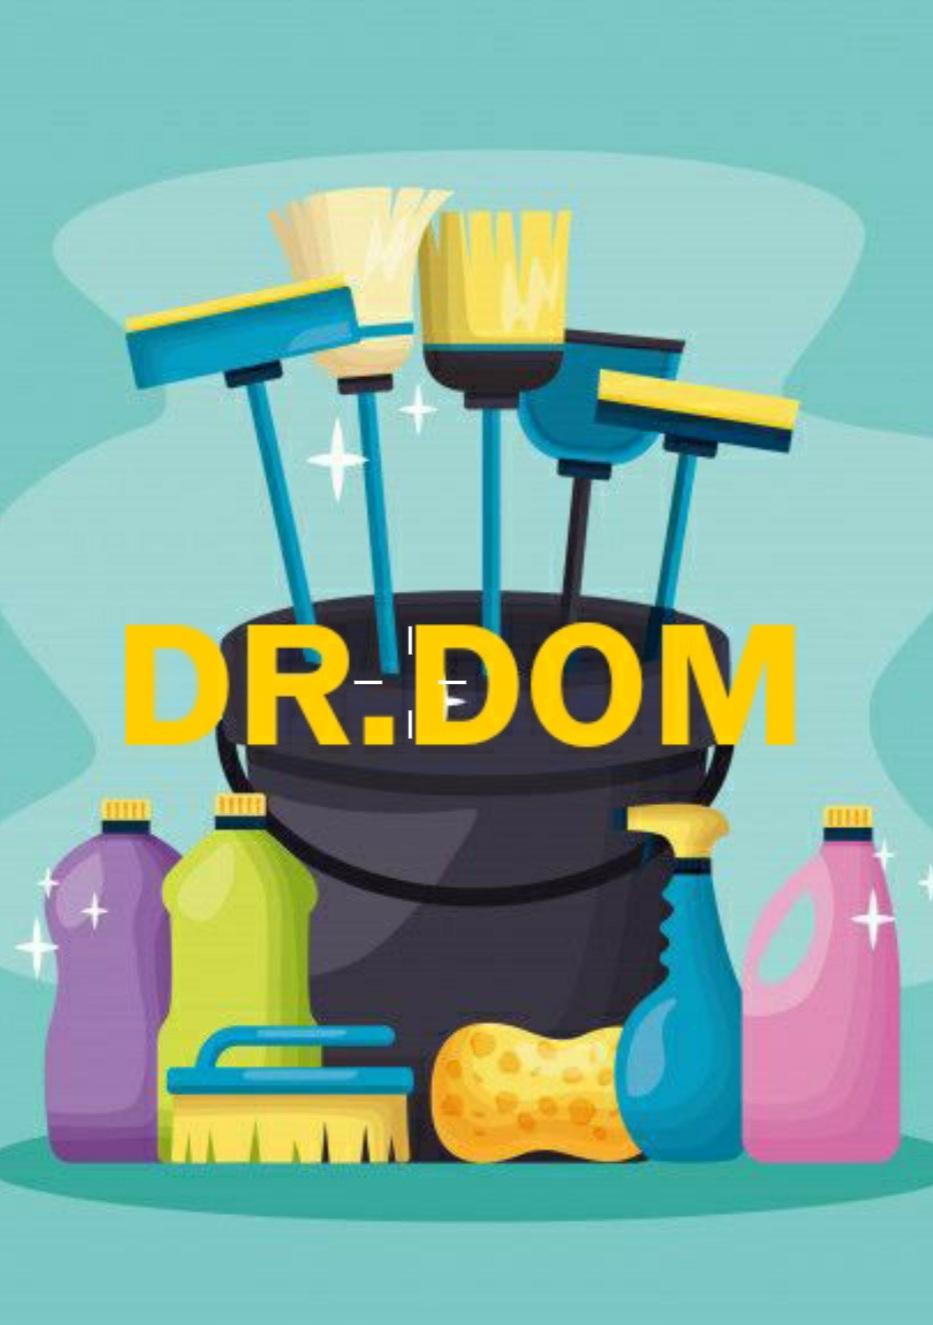 Разработать логотип для сети магазинов бытовой химии и товаров для уборки фото f_741600442723dc2d.jpg